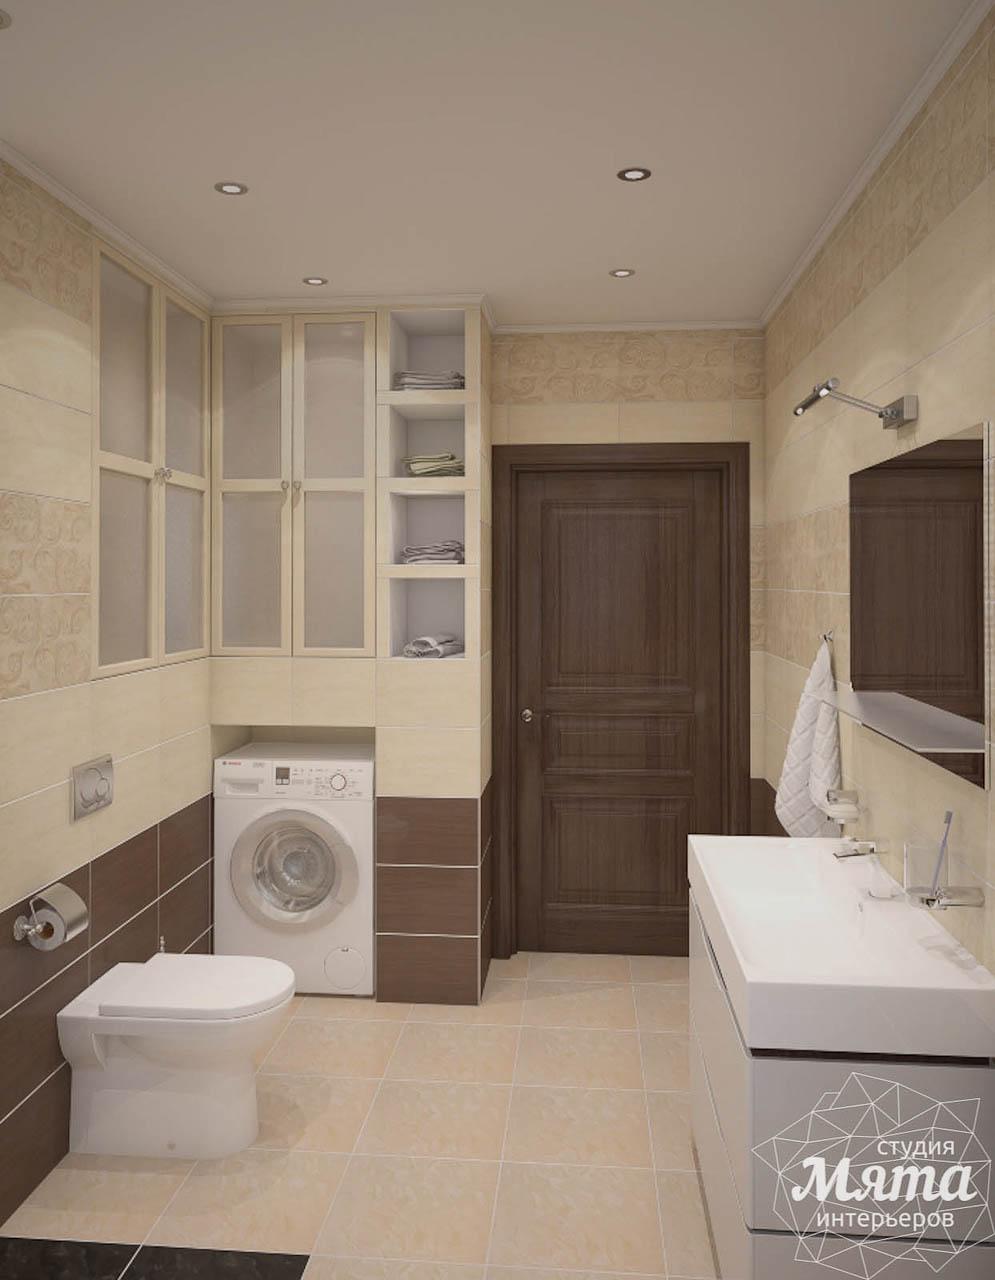 Дизайн интерьера коттеджа в современном стиле в п. Образцово  img870111876